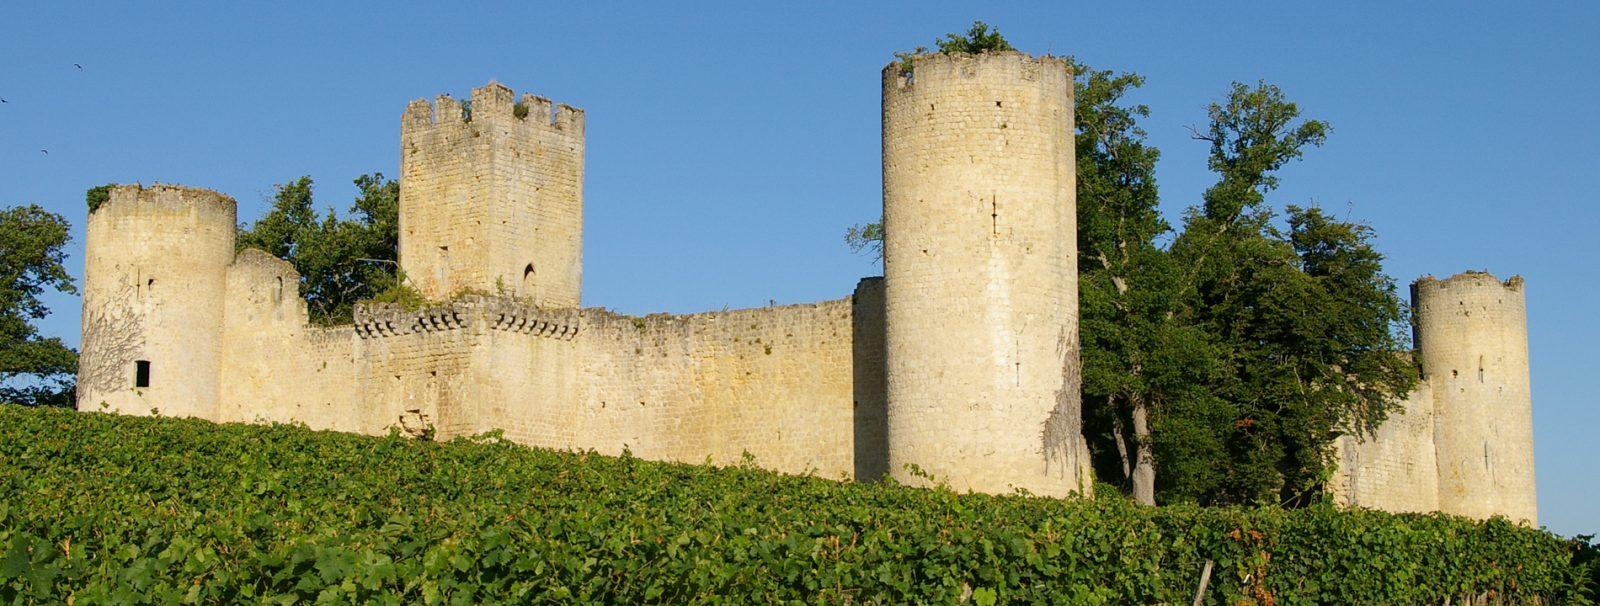 Destination Garonne, Château de Budos, Budos